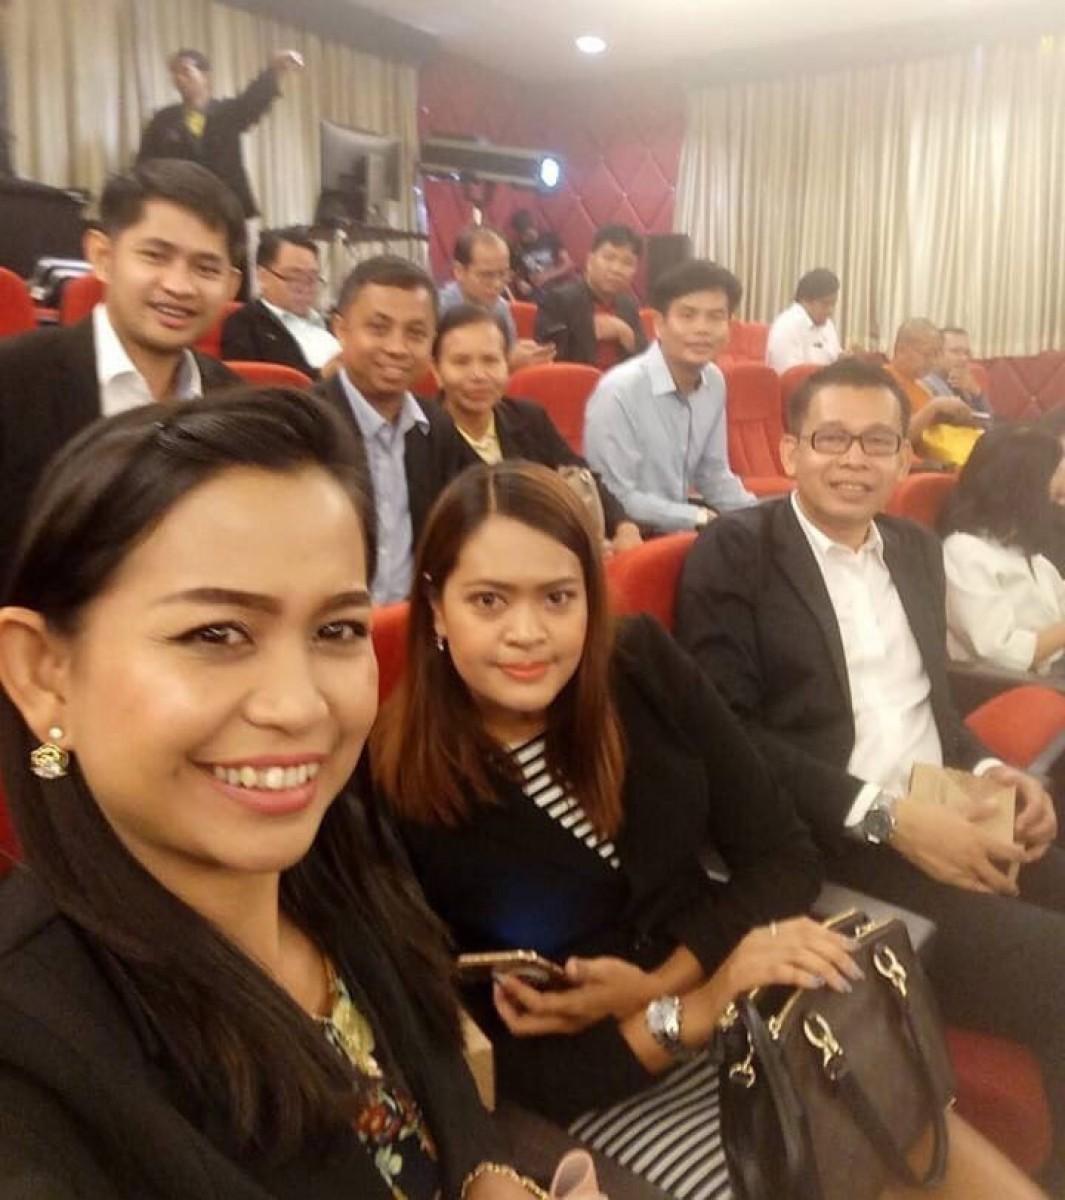 ผู้บริหาร มรภ.นศ. ร่วมพิธีเปิดการประชุมวิชาการระดับชาติและนานาชาติ ราชภัฏวิจัย ครั้งที่ 5 ณ มหาวิทยาลัยราชภัฏเพชรบุรี-9